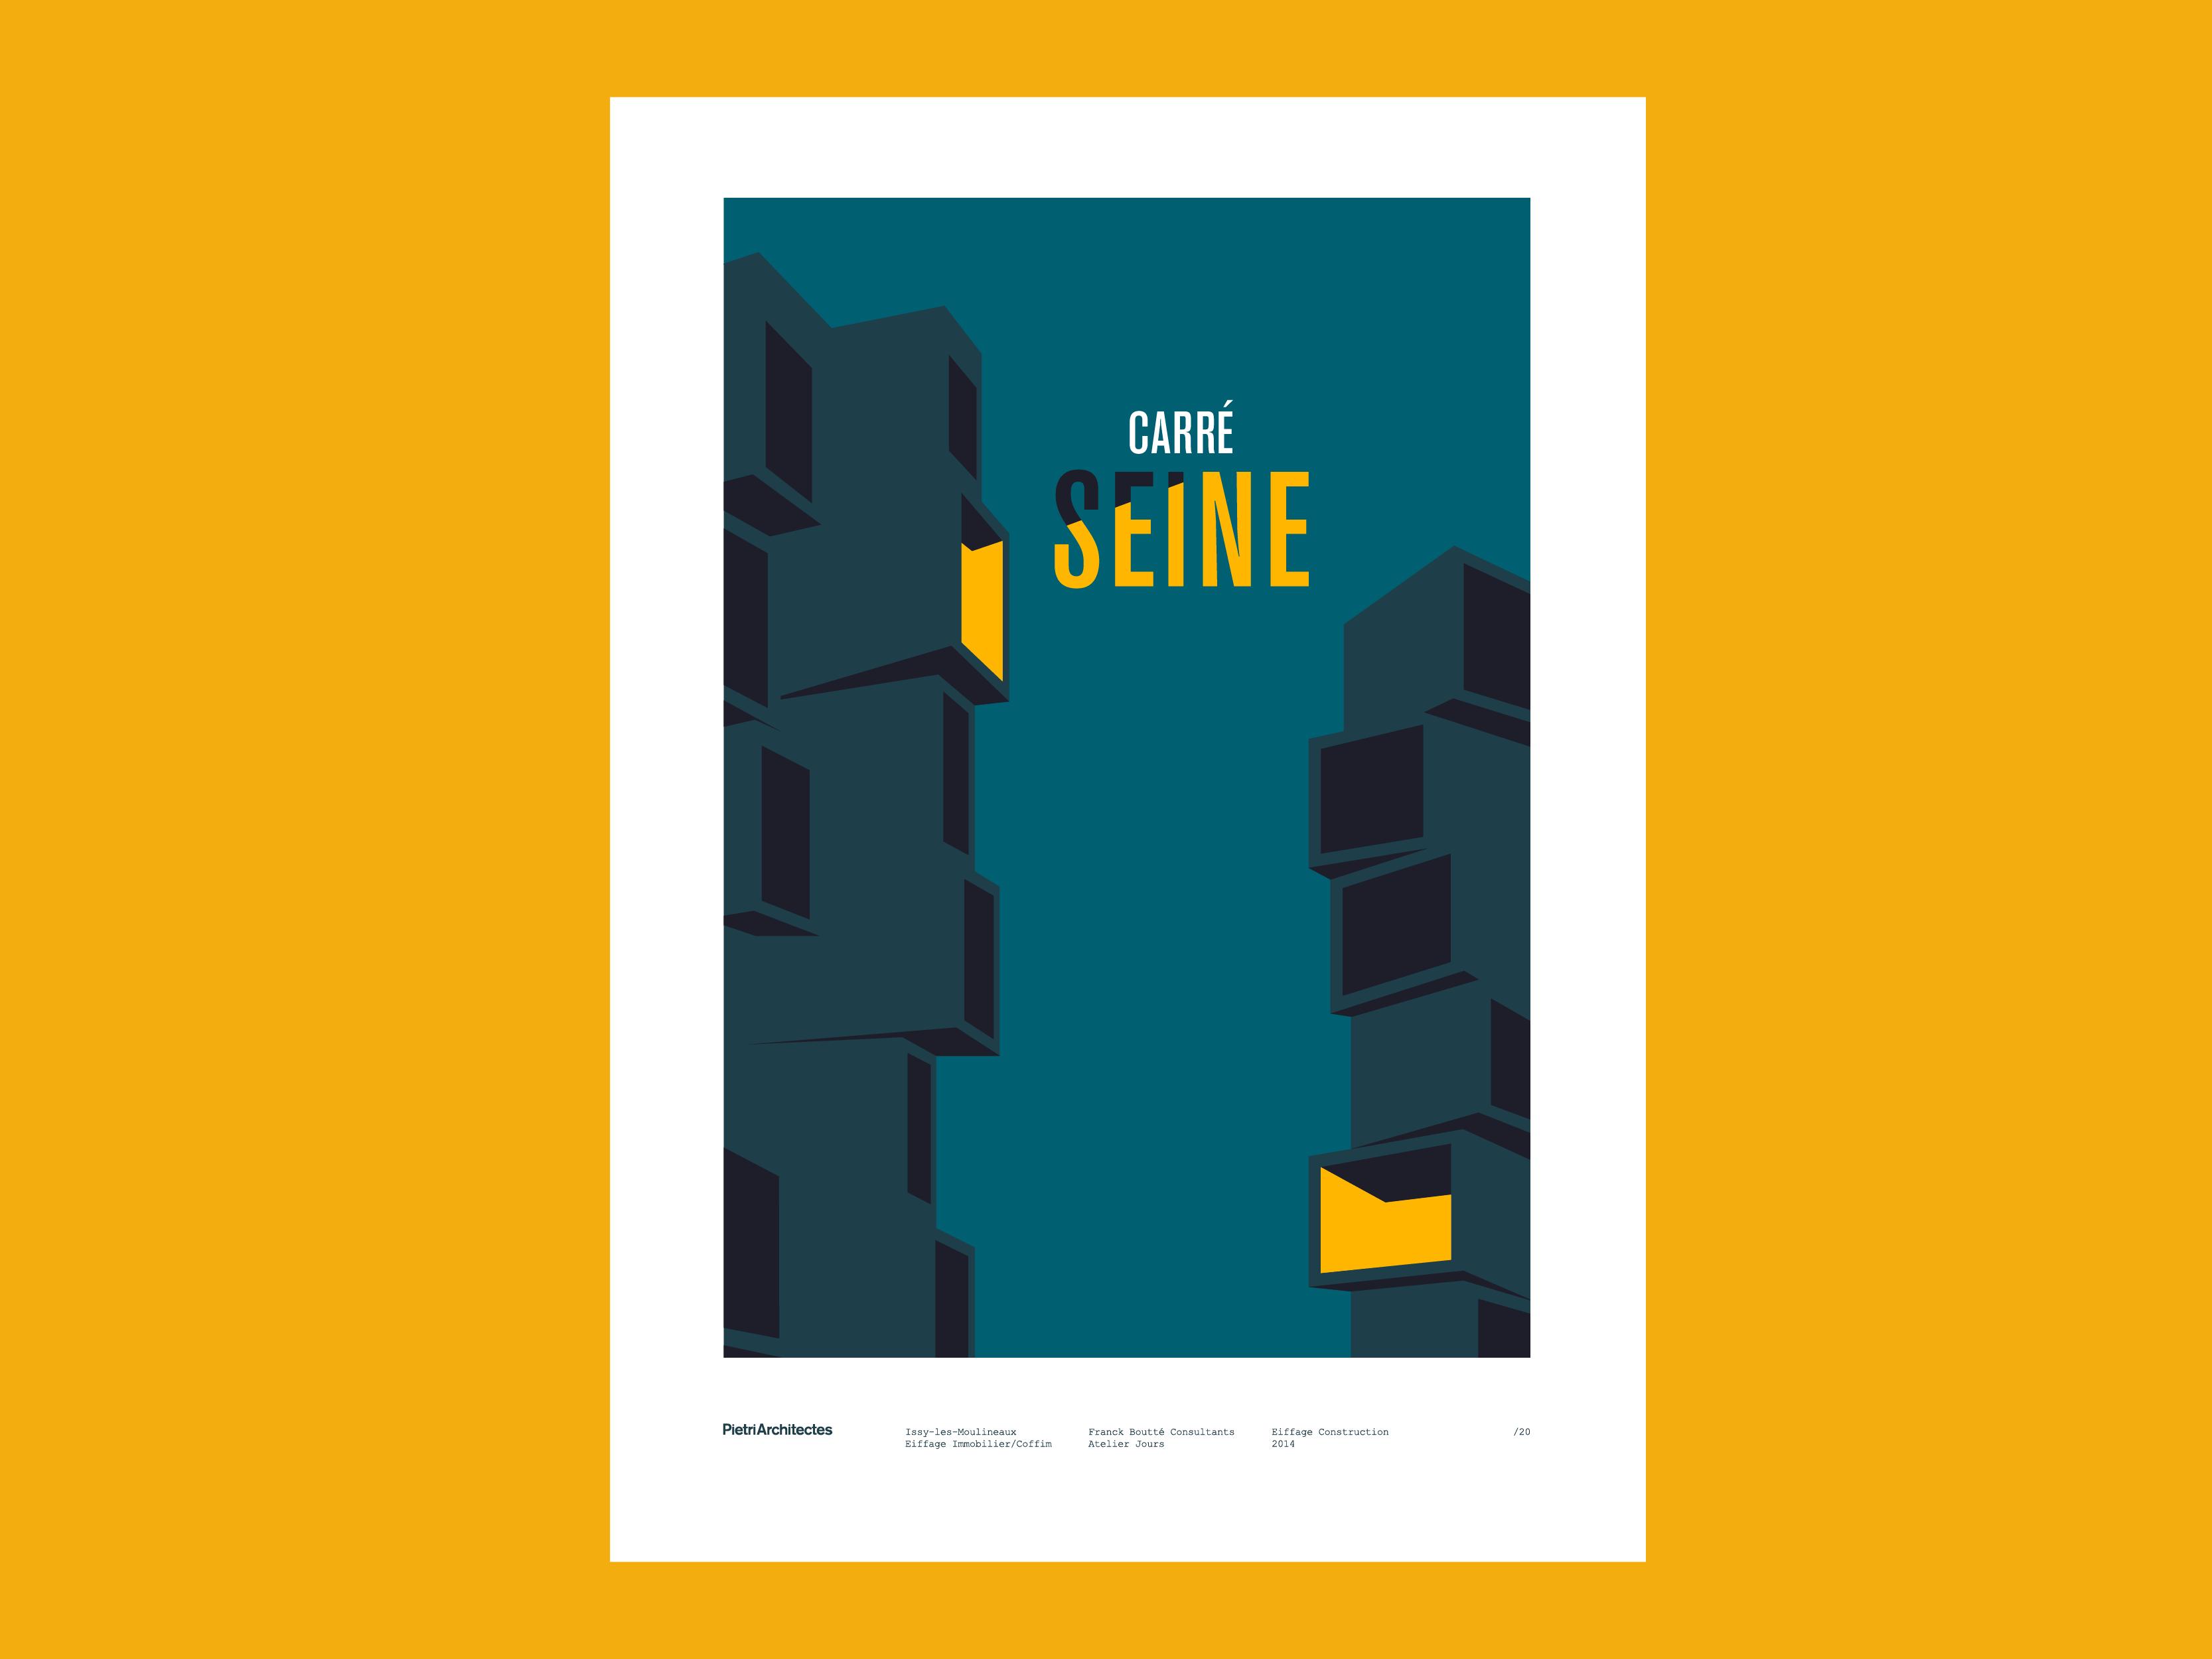 Carre-seine-affiche-serigraphie